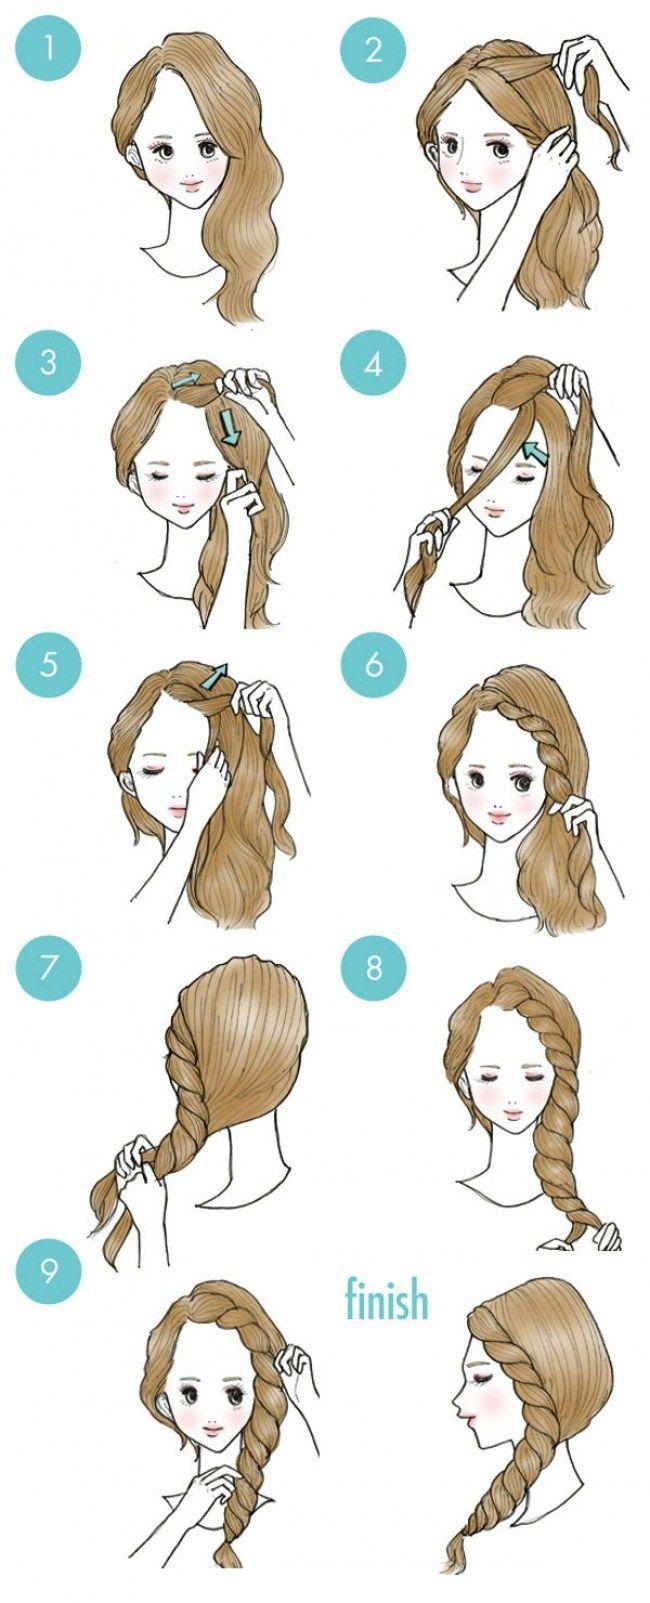 penteados lindos e super fáceis de fazer hair style easy